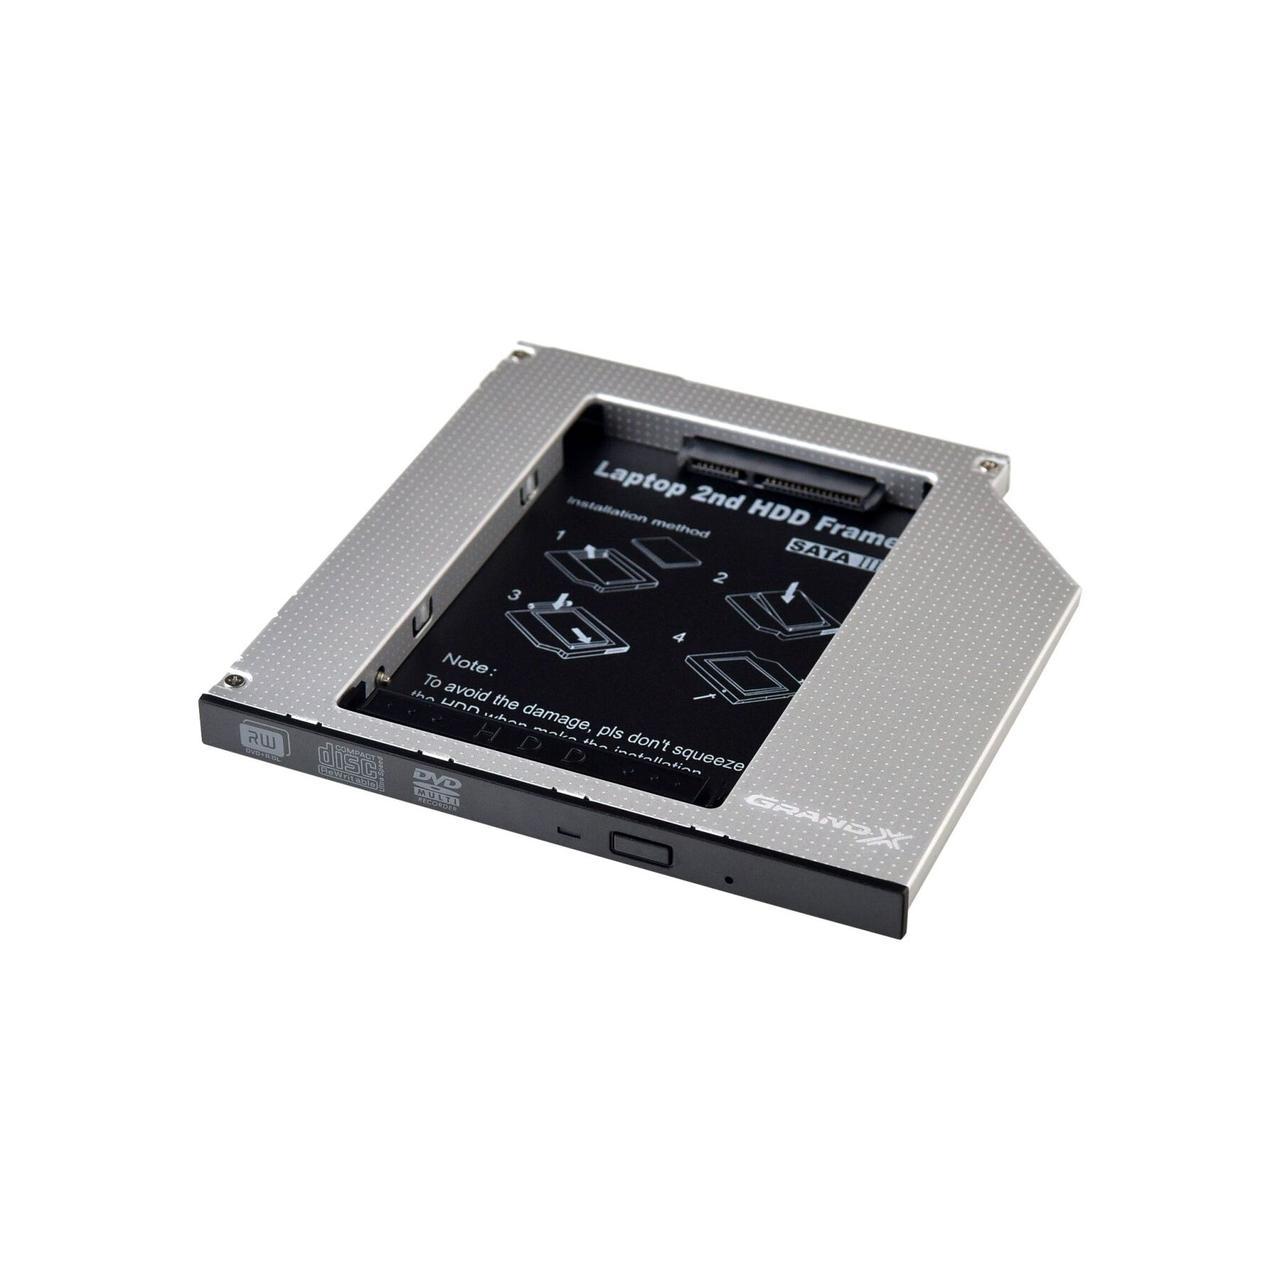 Шахта карман, optibay Grand - X HDD 2,5'' в отсек привода ноутбука, SATA/SATA3 Slim 9,5mm (HDC-24)